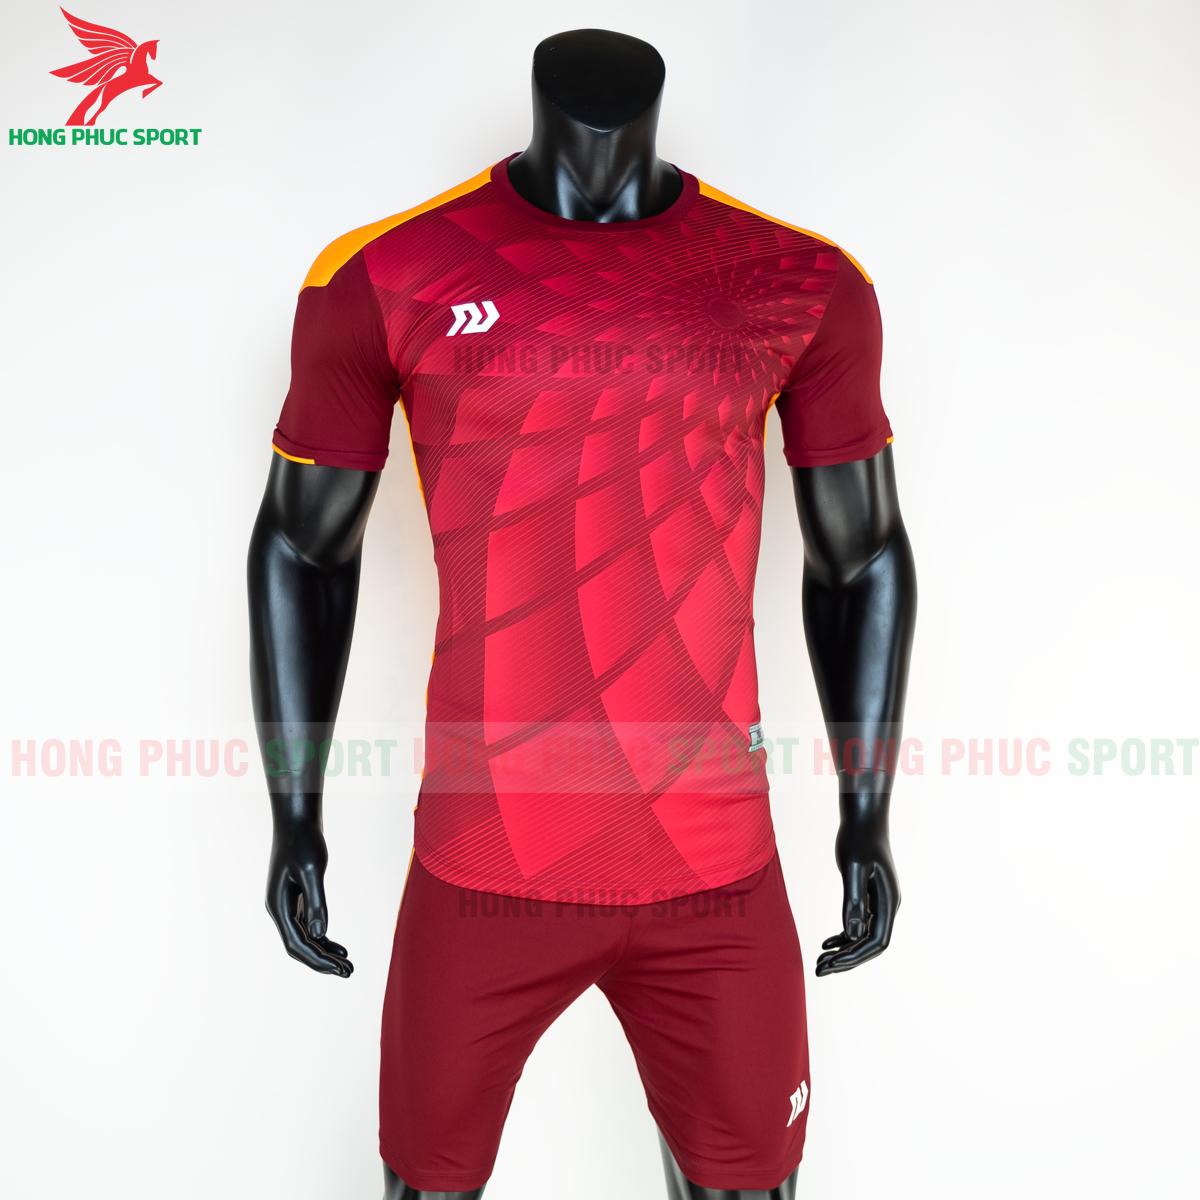 Áo đá banh không logo Bulbal Lotus 2021 màu đỏ (trước)